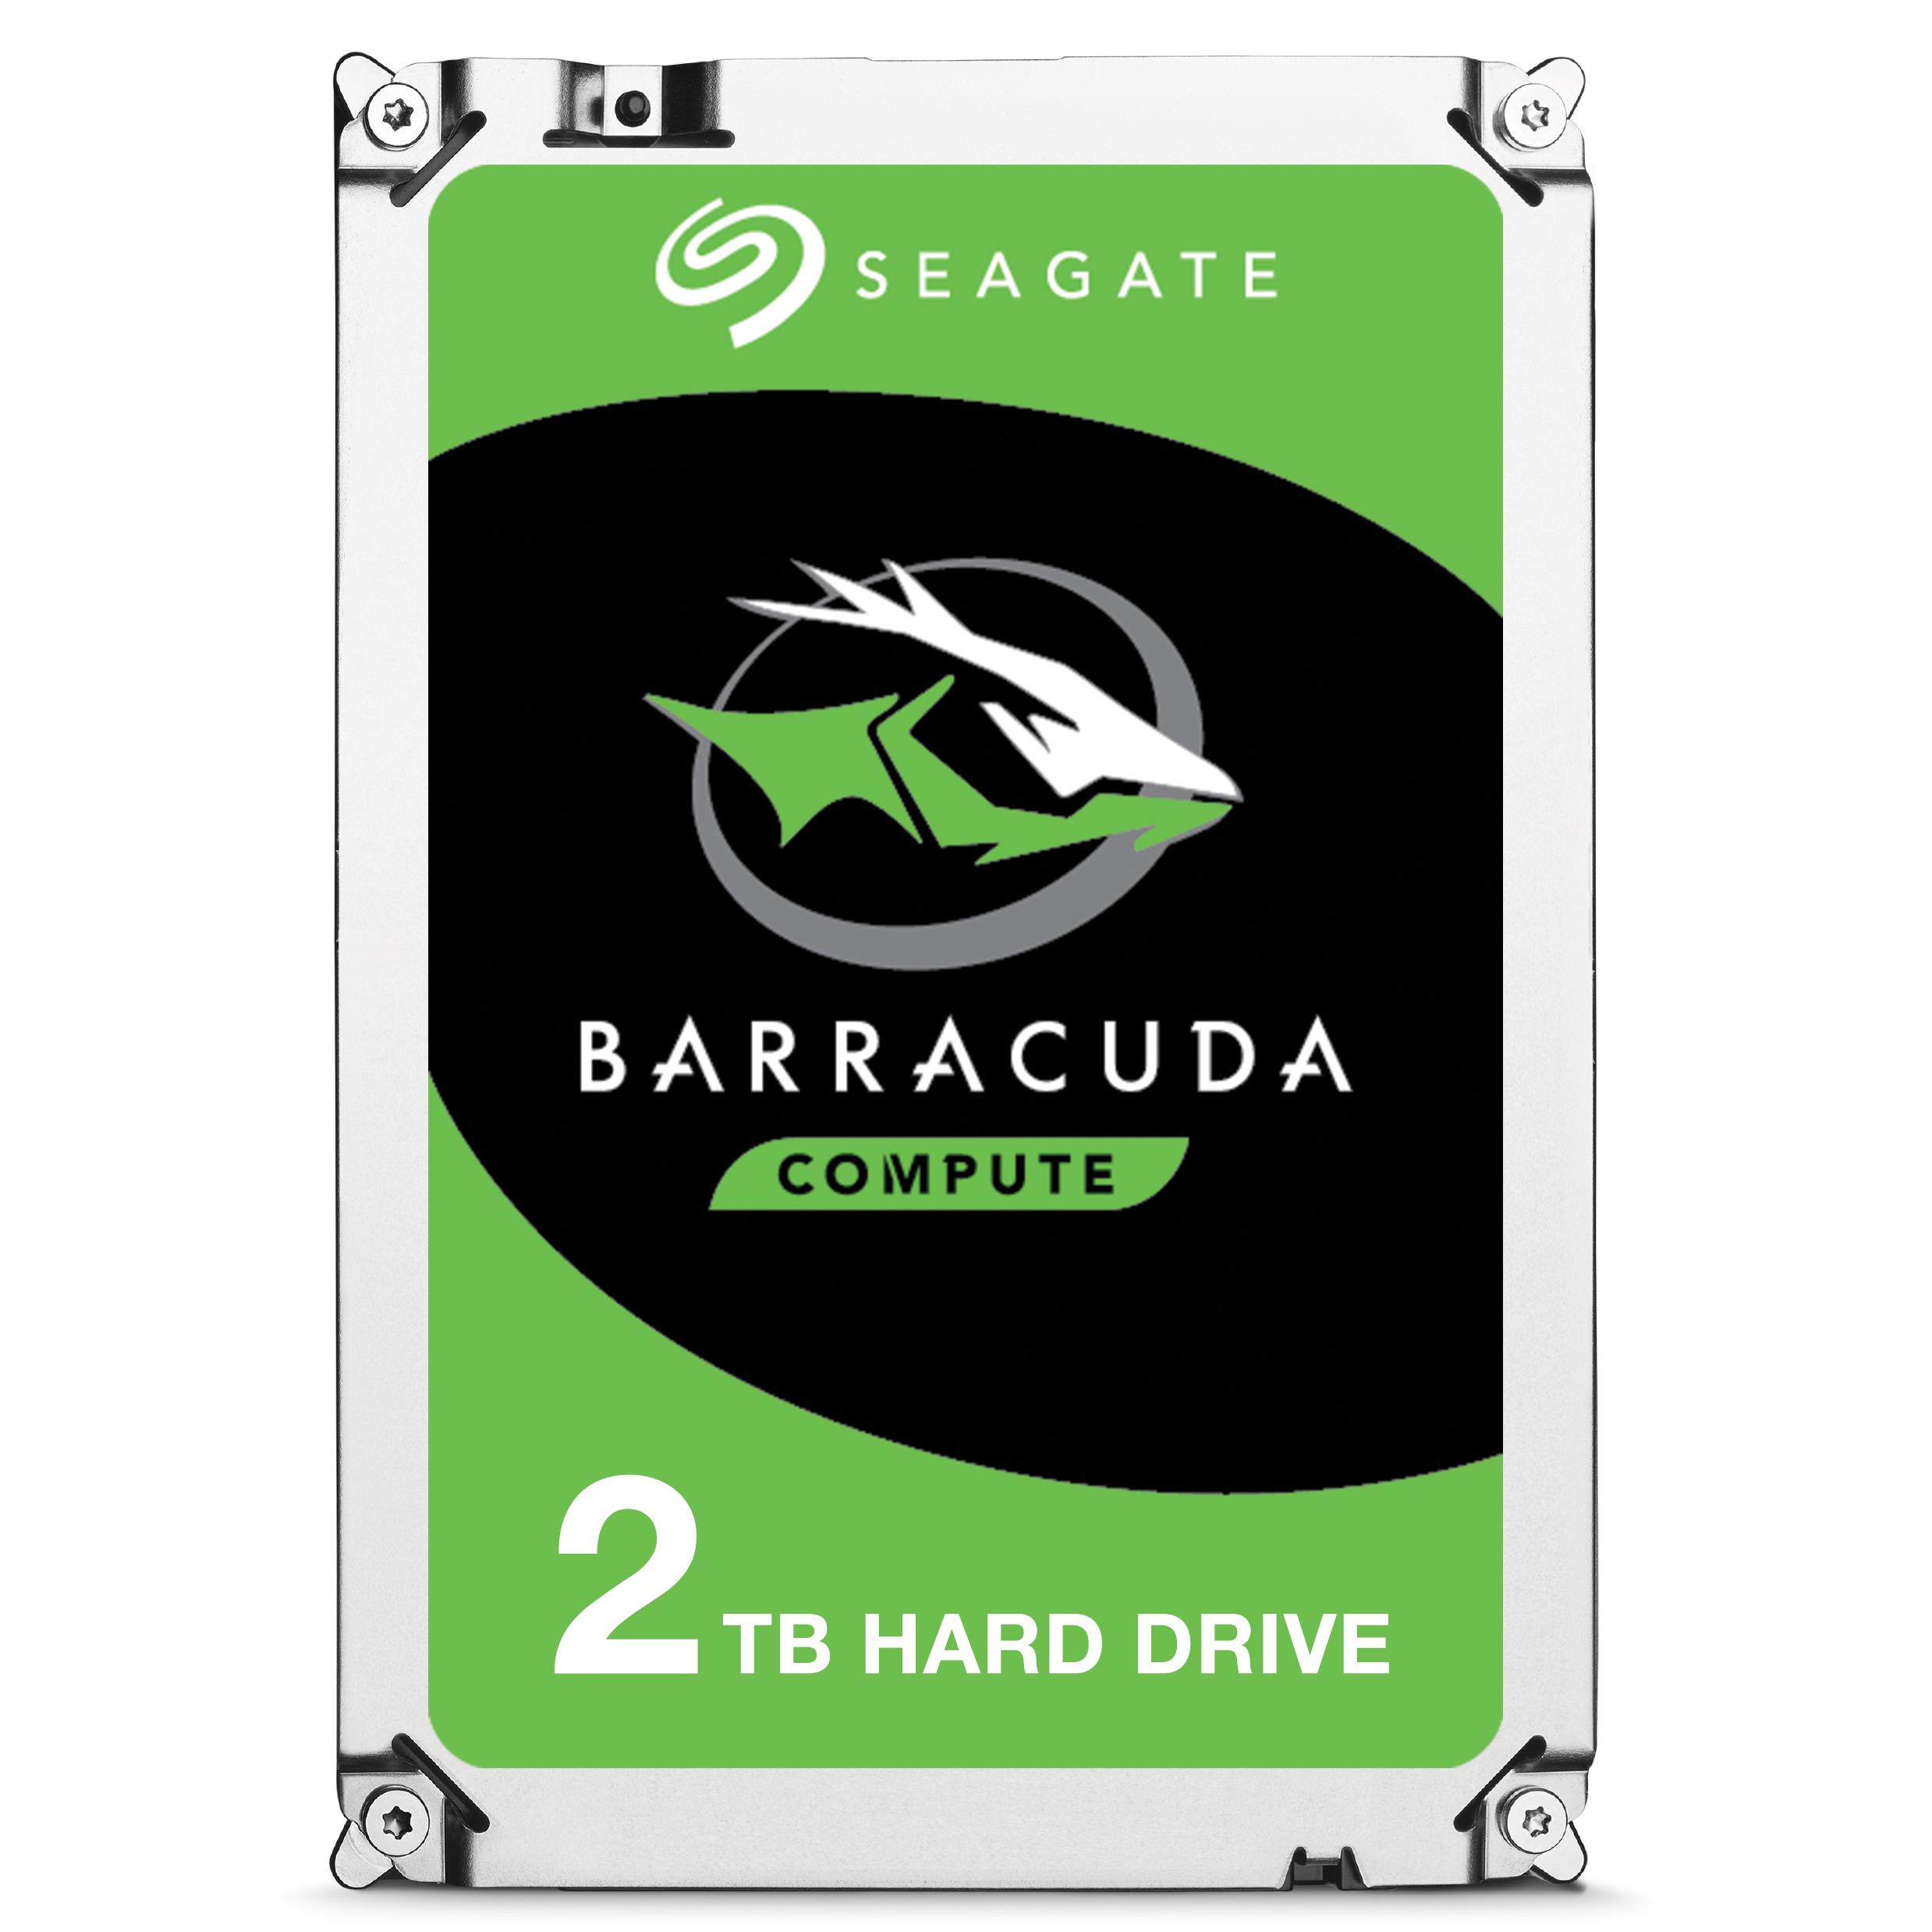 Seagate Baracuda 2TB 3.5 INTERNO SATA 3